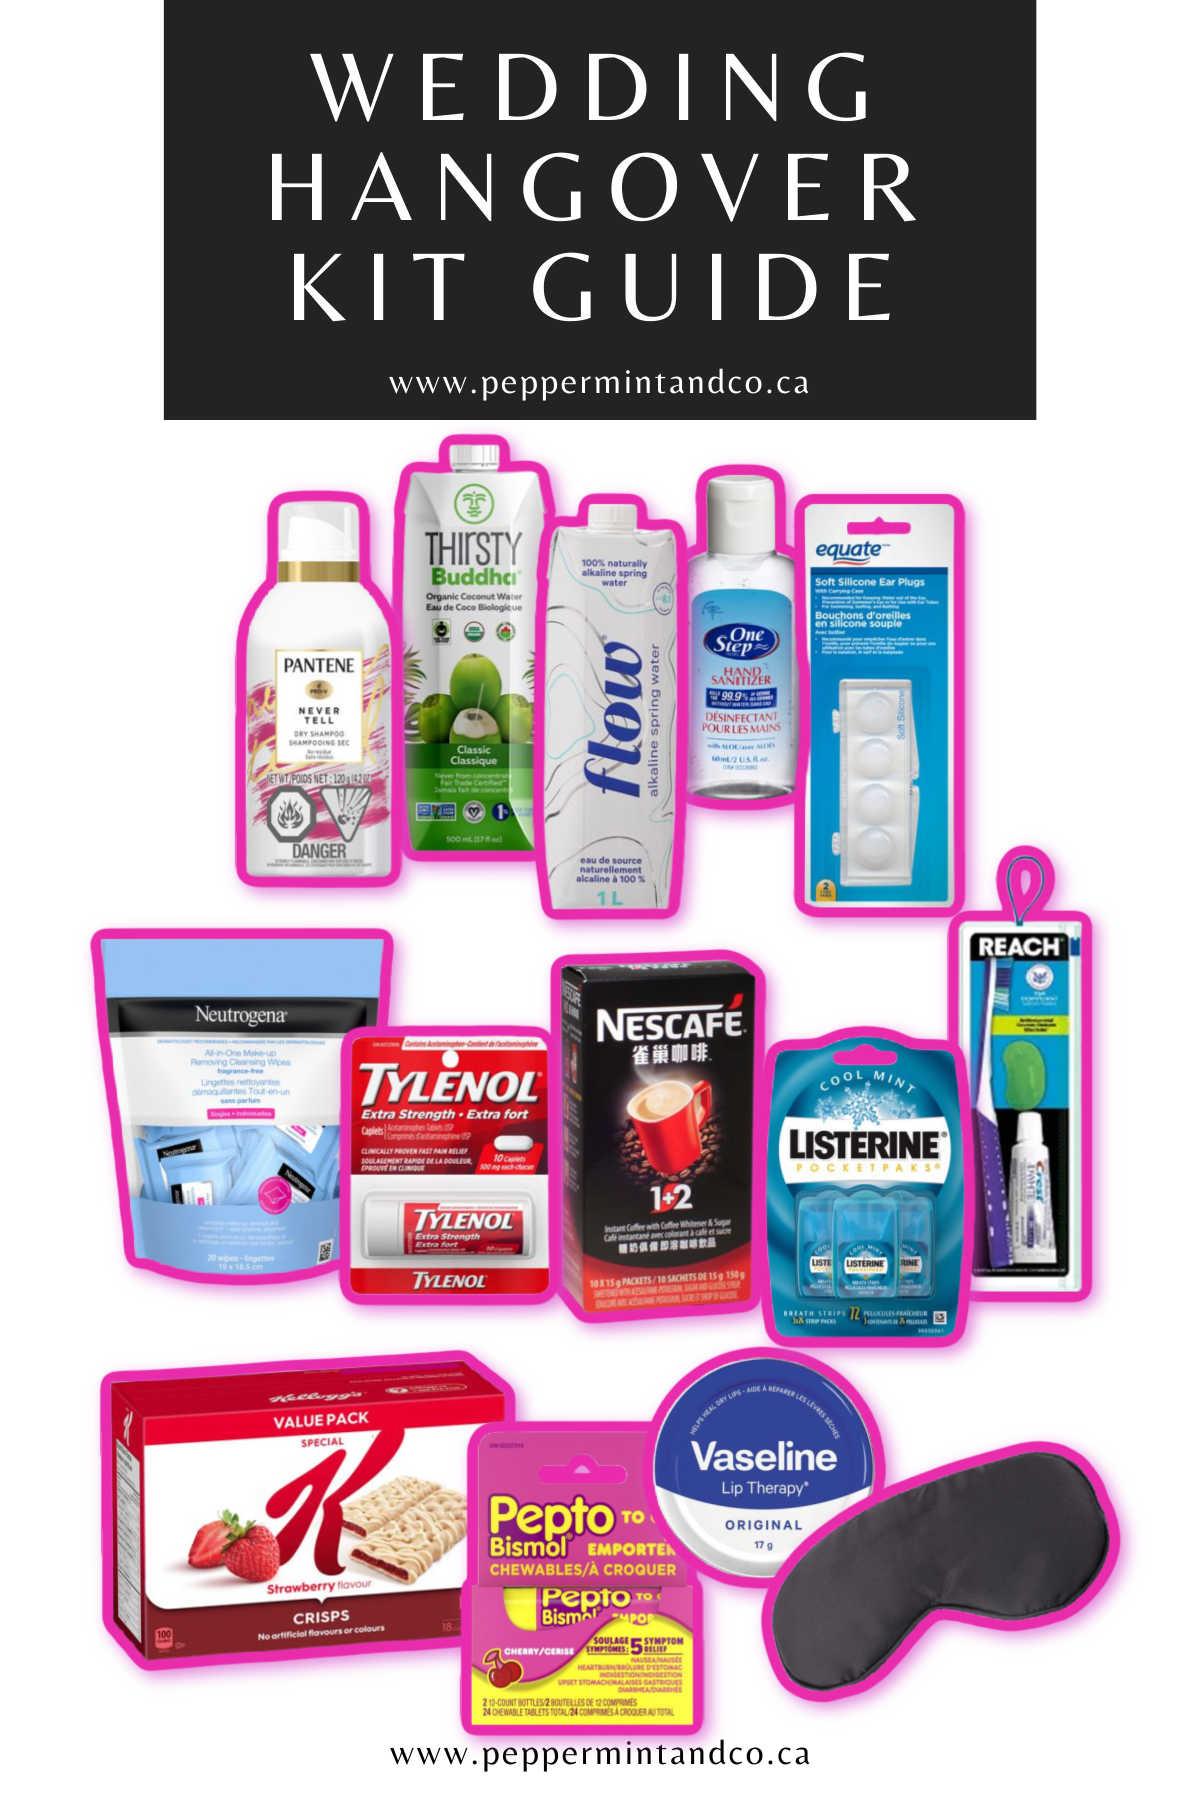 Wedding Hangover Kit Guide